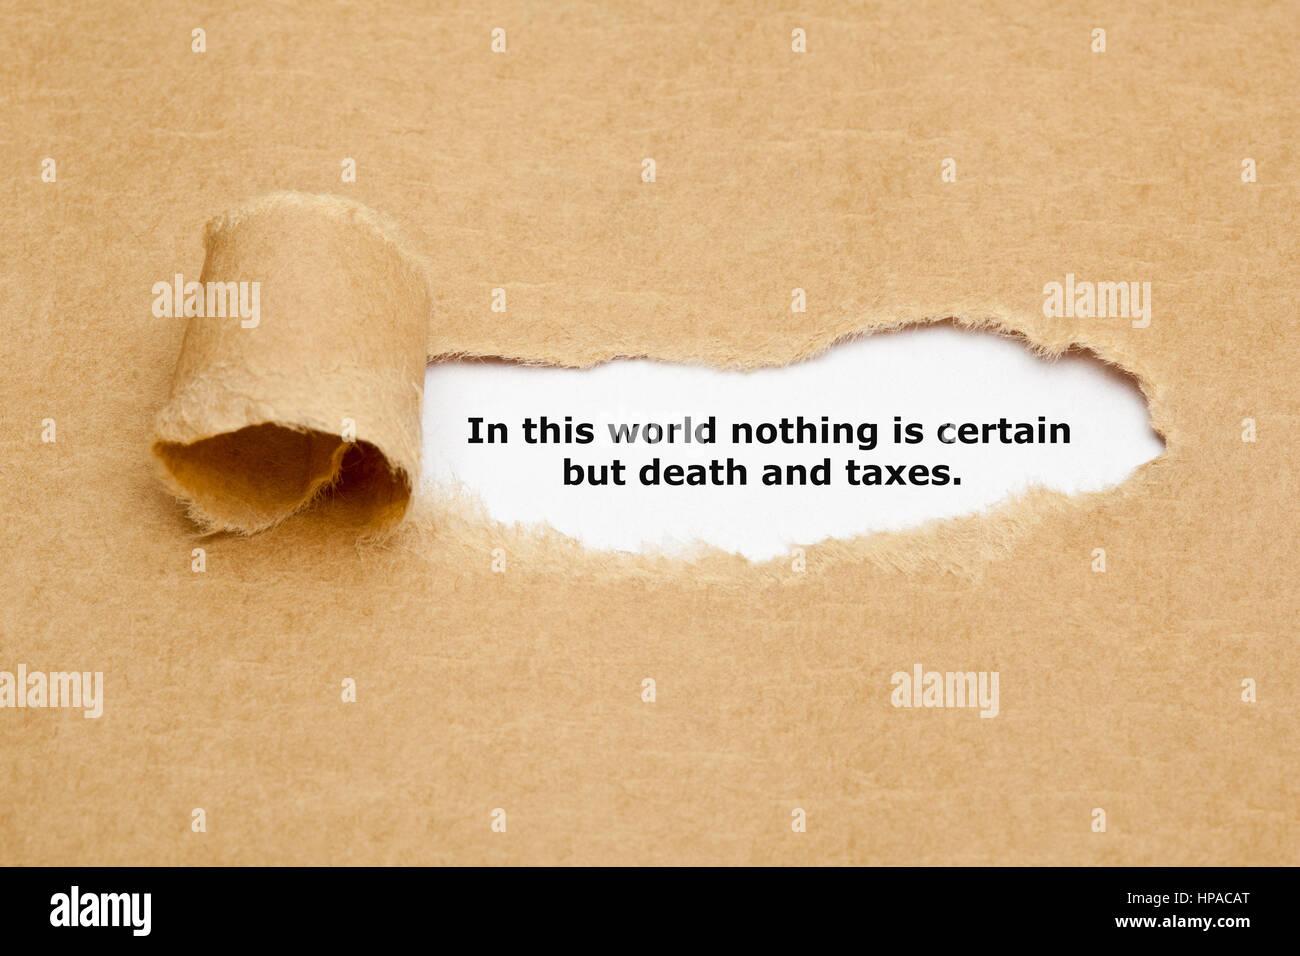 Citazione in questo mondo nulla è certo ma la morte e le tasse, che appaiono dietro strappato carta marrone. Immagini Stock